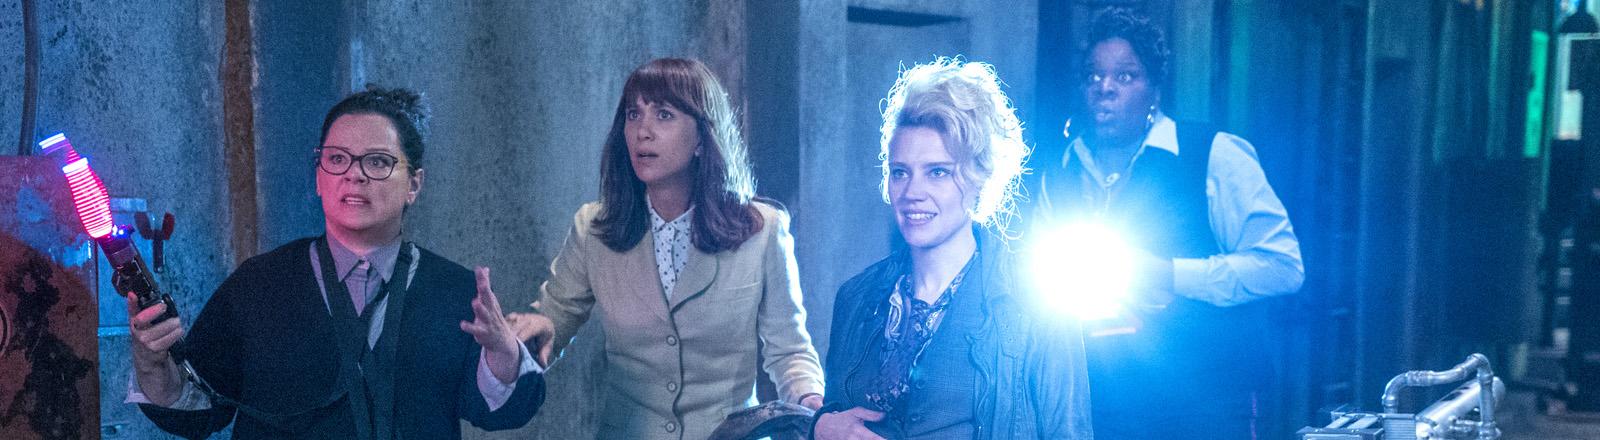 """Die Schauspielerinnen Melissa McCarthy (Abby), Kristen Wiig (Erin), Kate McKinnon (Holtzmann) und Leslie Jones (Patty) in einer Szene des Films """"Ghostbusters""""."""